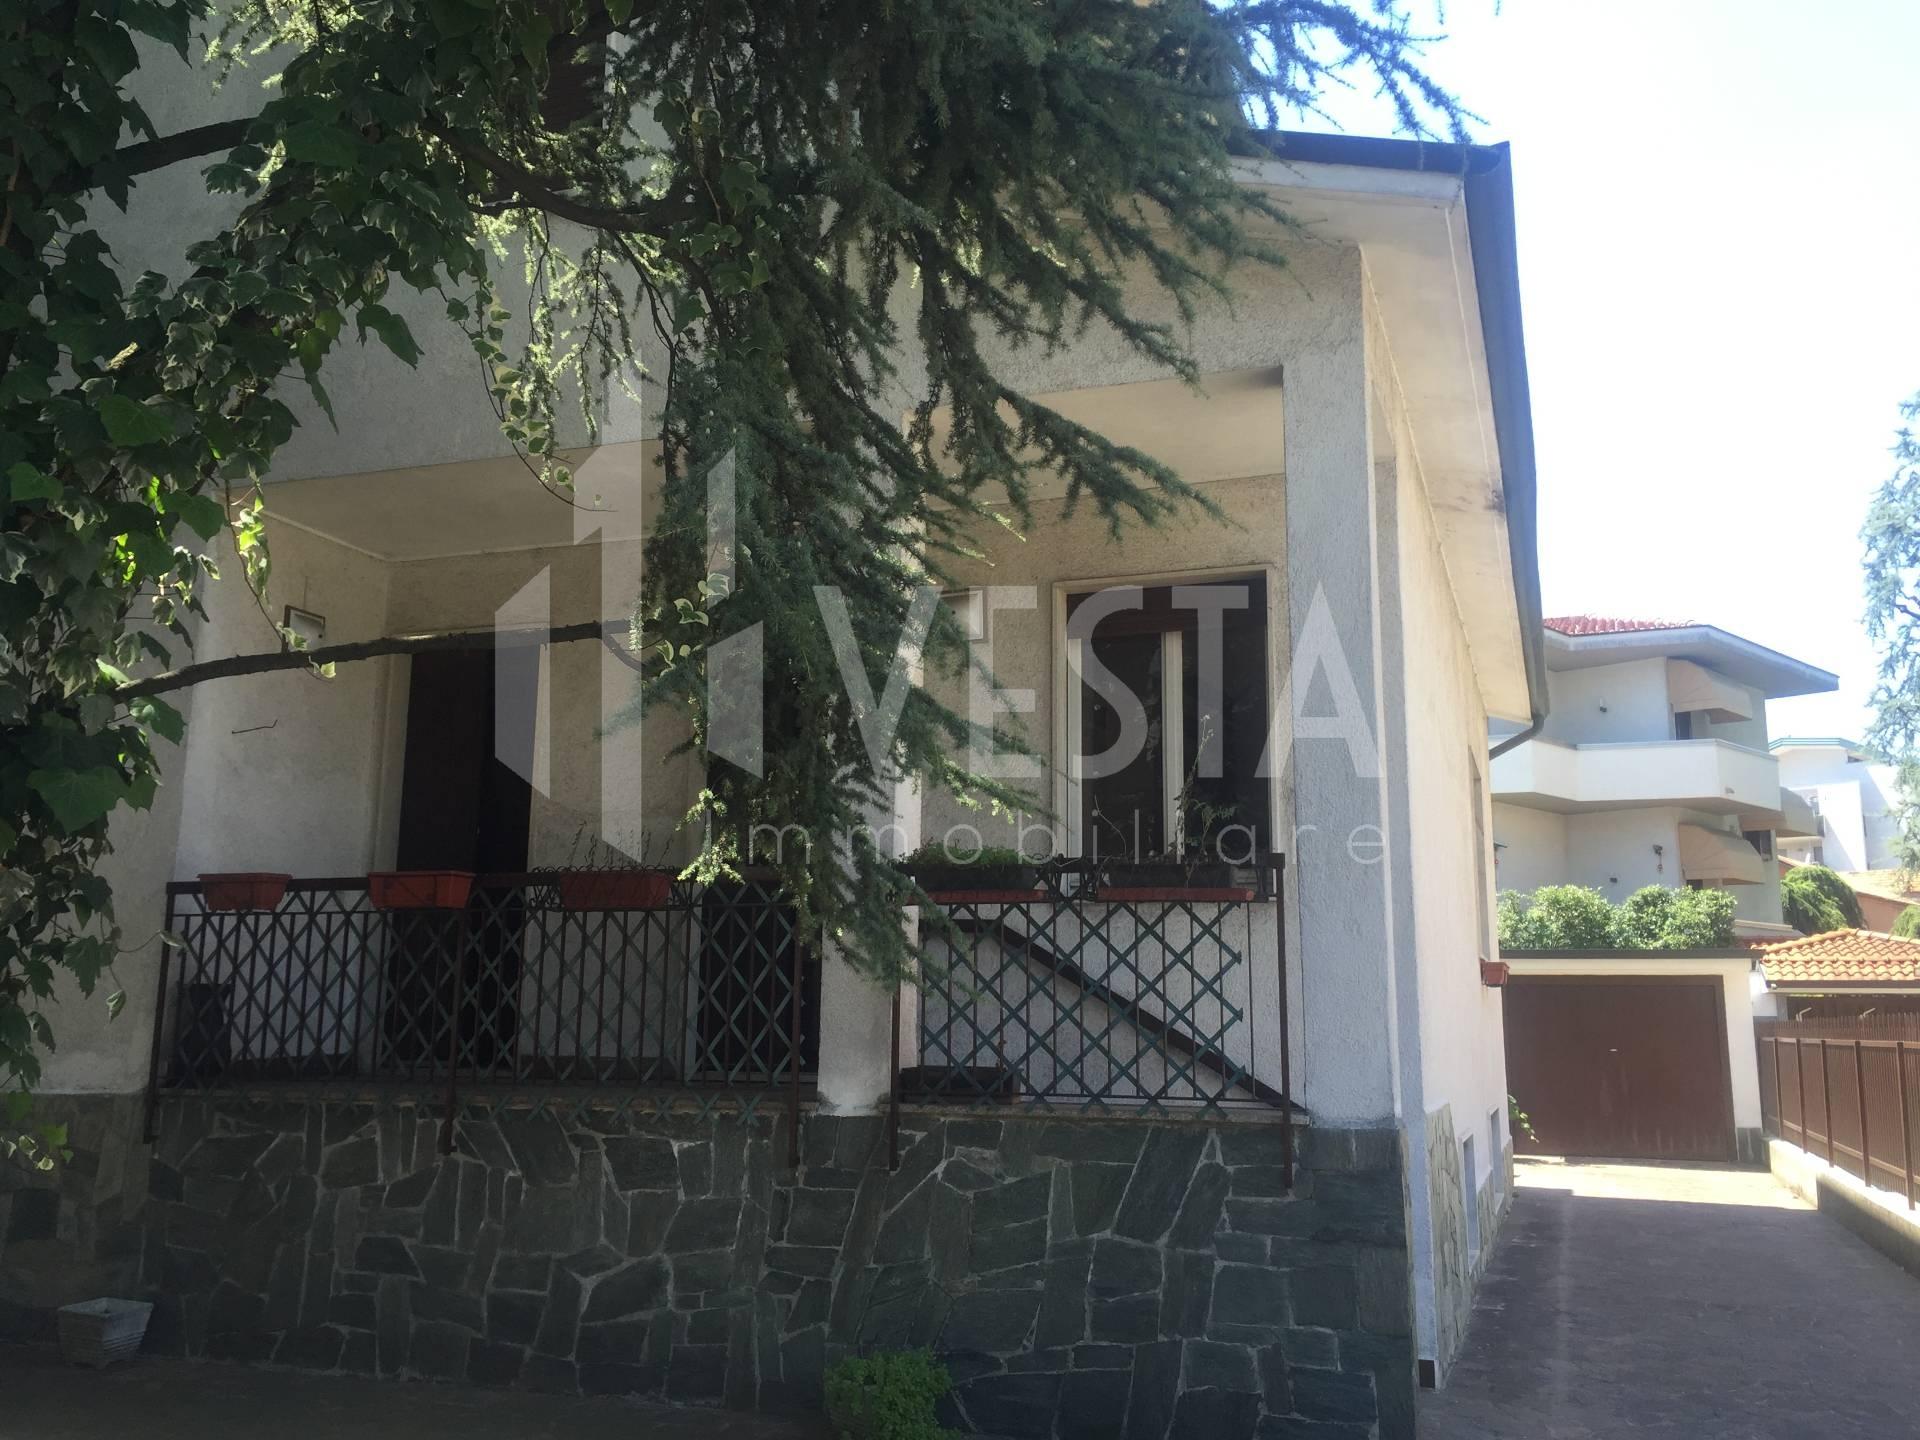 Villa in vendita a Vimercate, 7 locali, prezzo € 398.000 | CambioCasa.it